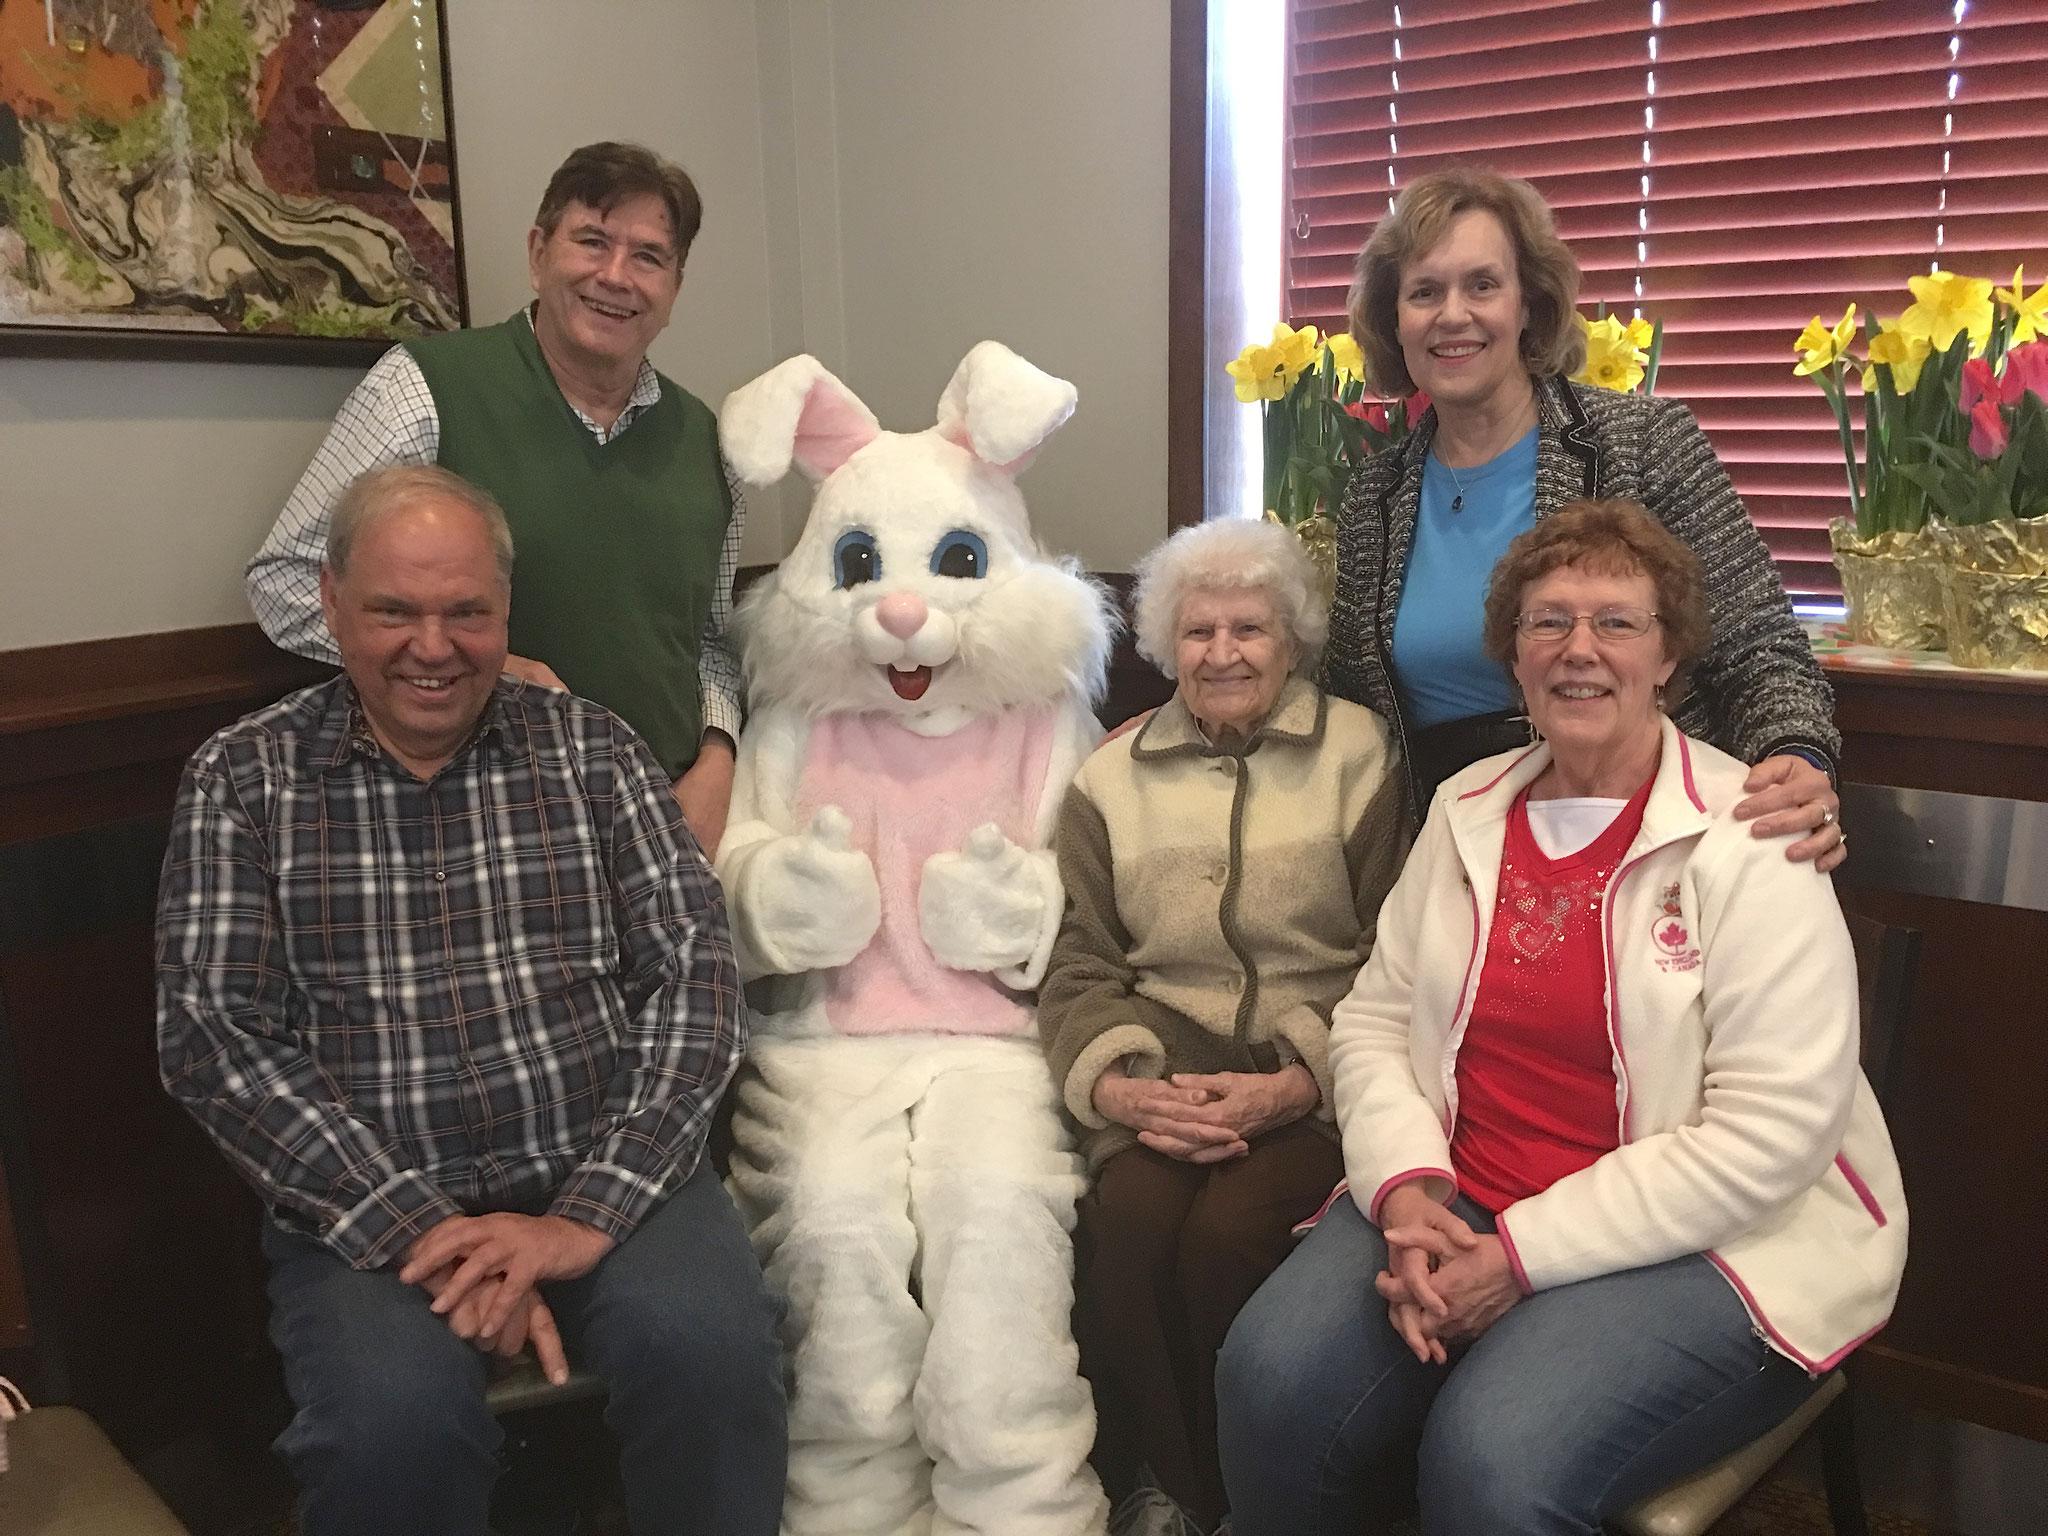 Cousin Tom,  John, BUNNY, Detta, Lorraine, & Karen Gudas, April, 2019 , Warwick, RI